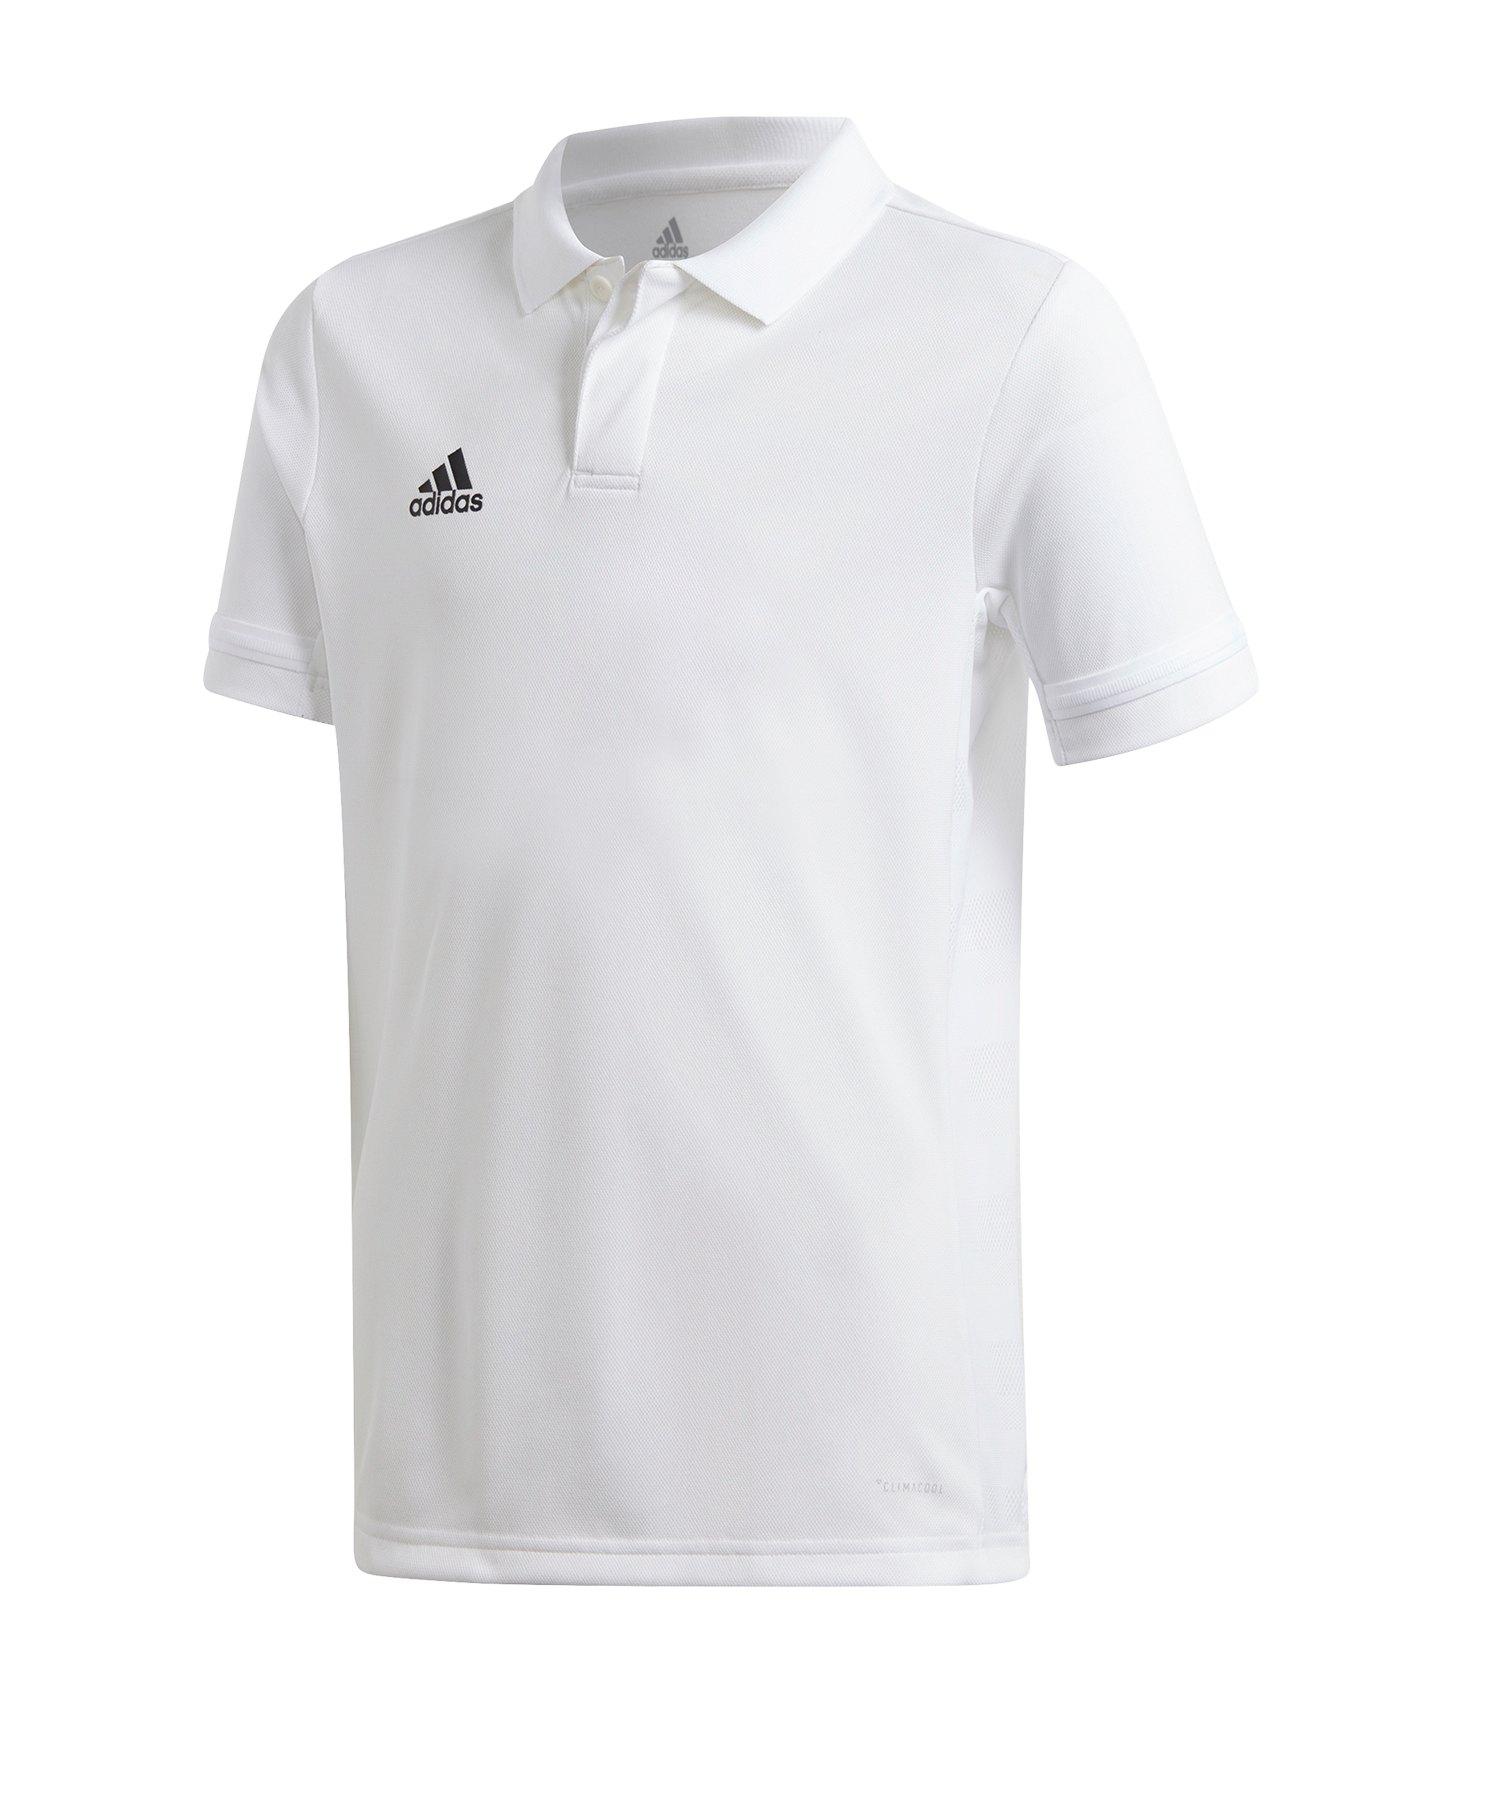 adidas Team 19 Poloshirt Kids Weiss - weiss